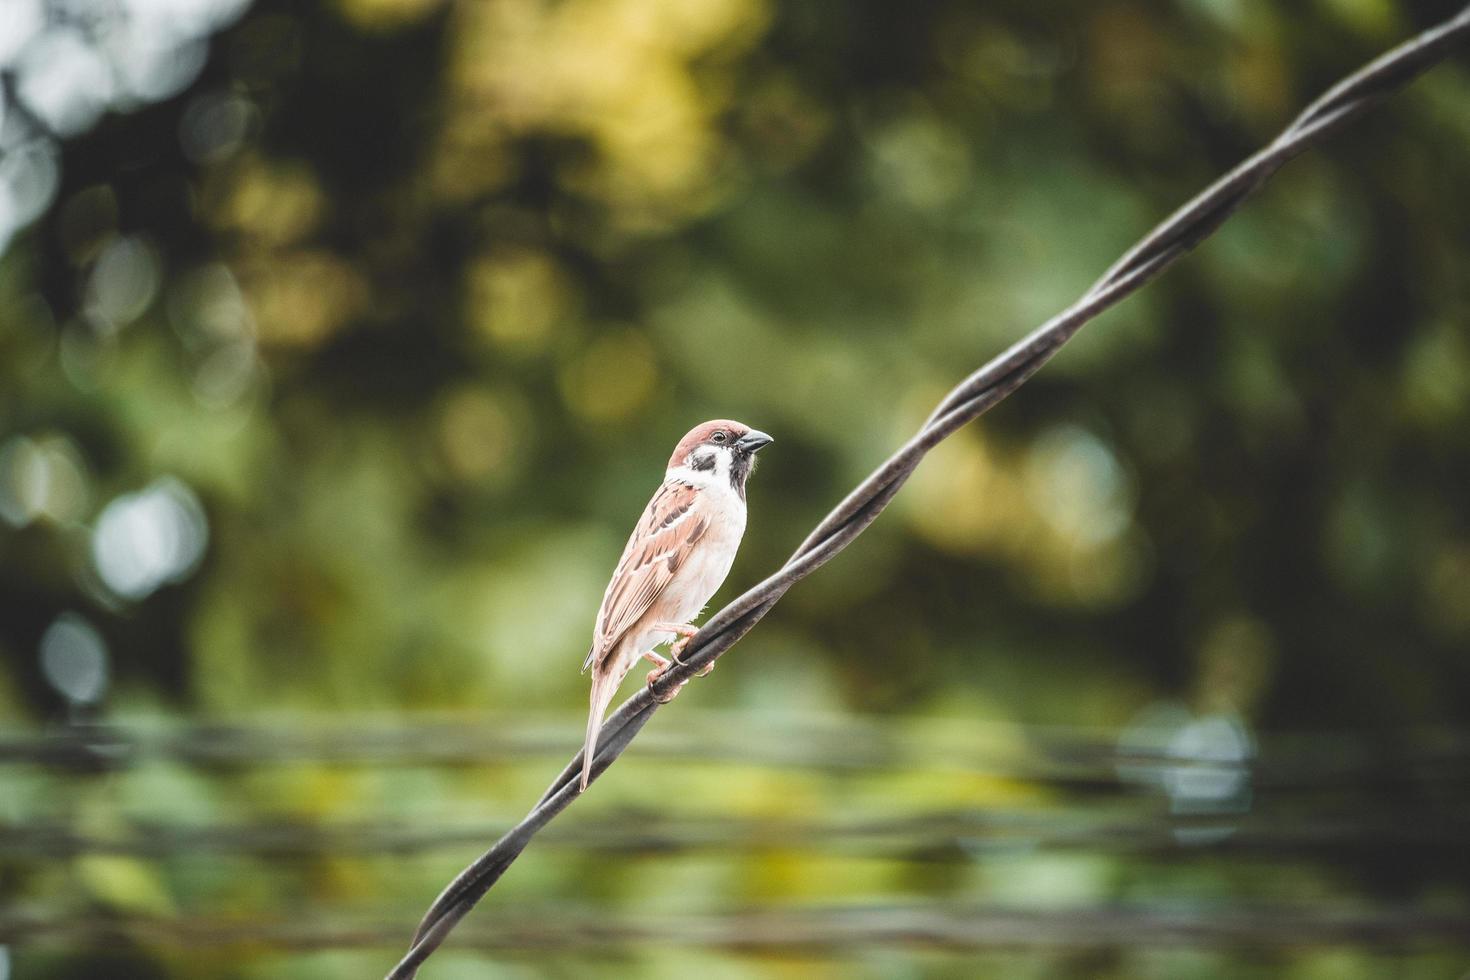 fågel uppflugen på tråd foto